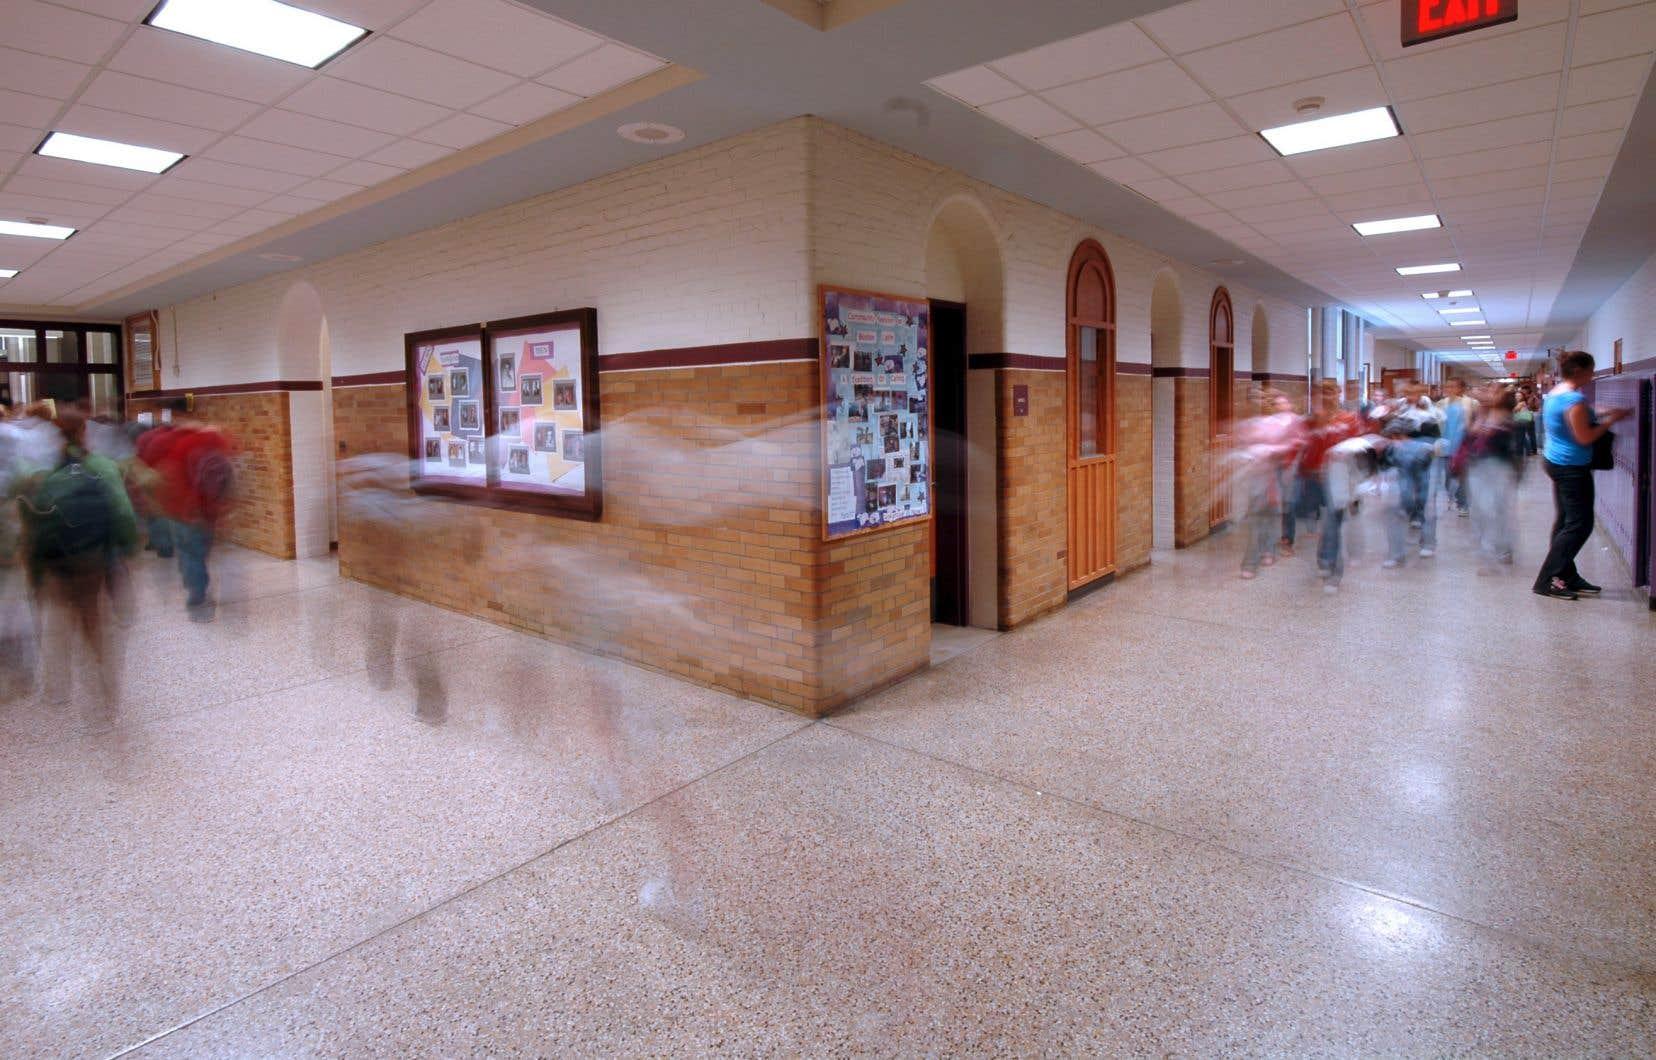 Selon le ministre de l'Éducation, les écoles anglophones de l'île de Montréal ont de la place pour 2250 élèves supplémentaires.